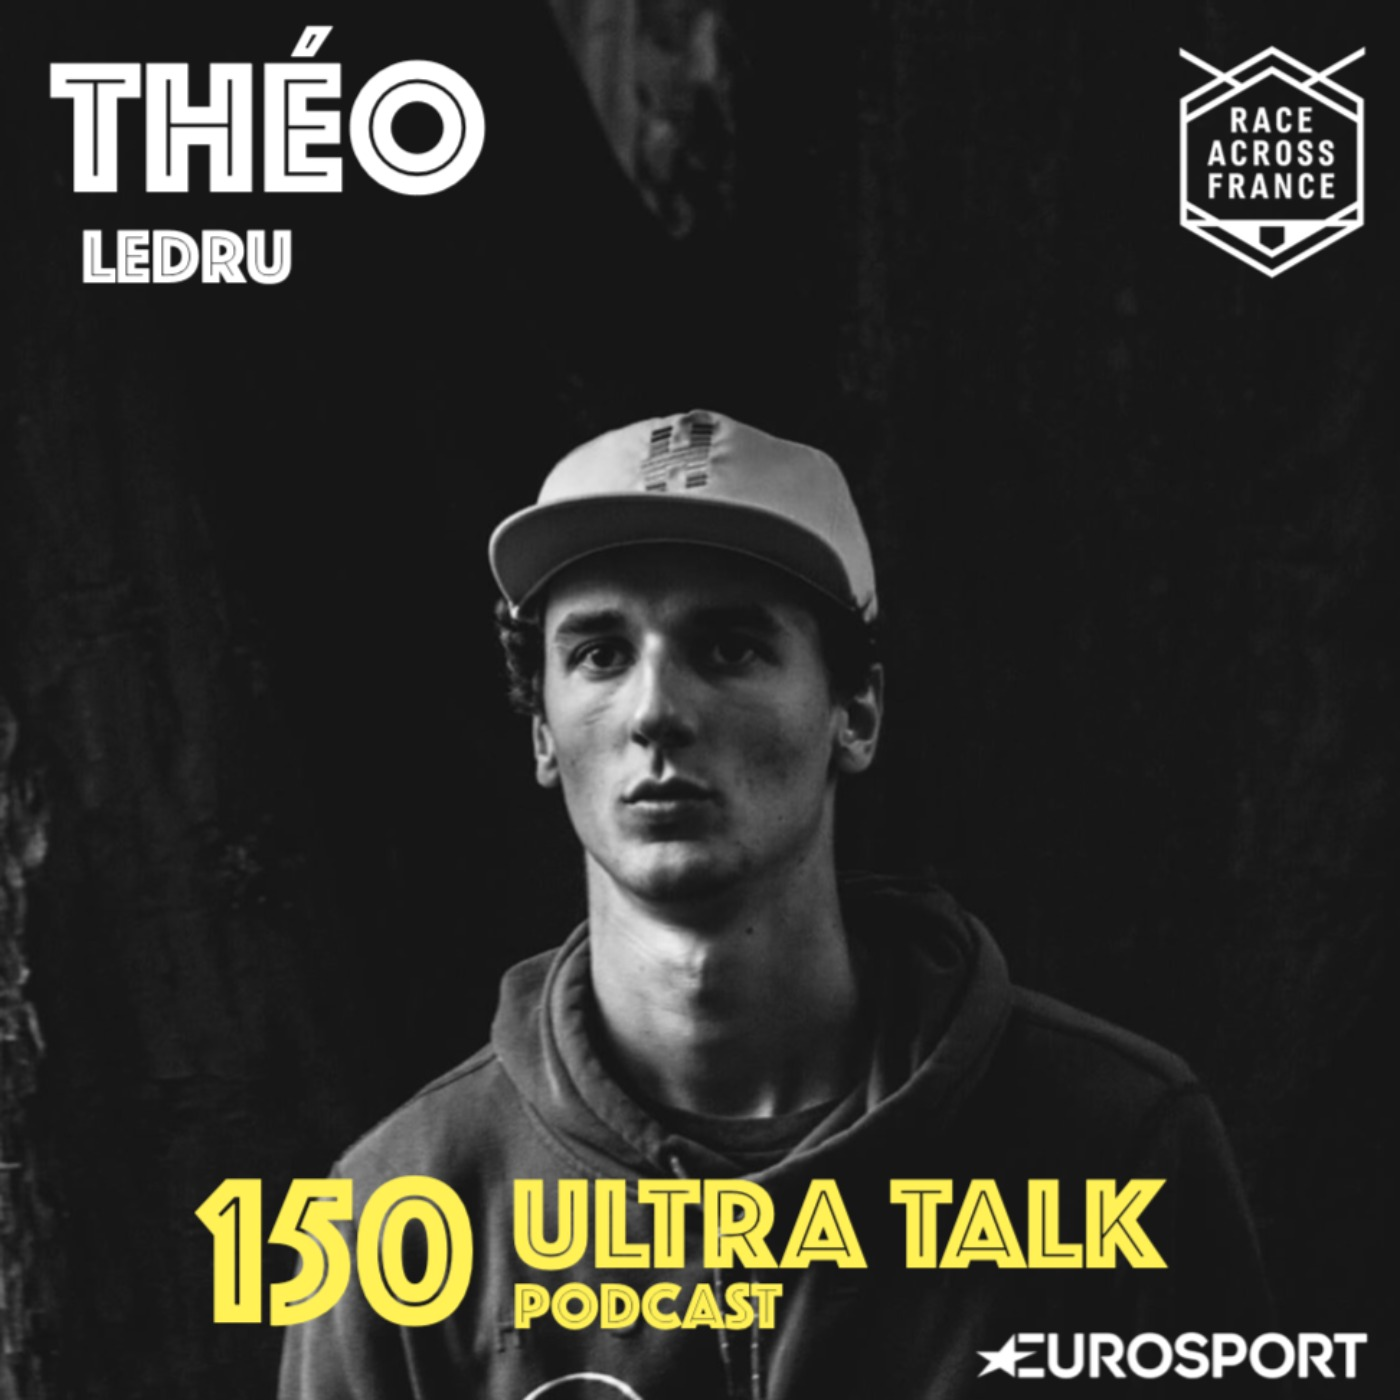 #150 Théo Ledru